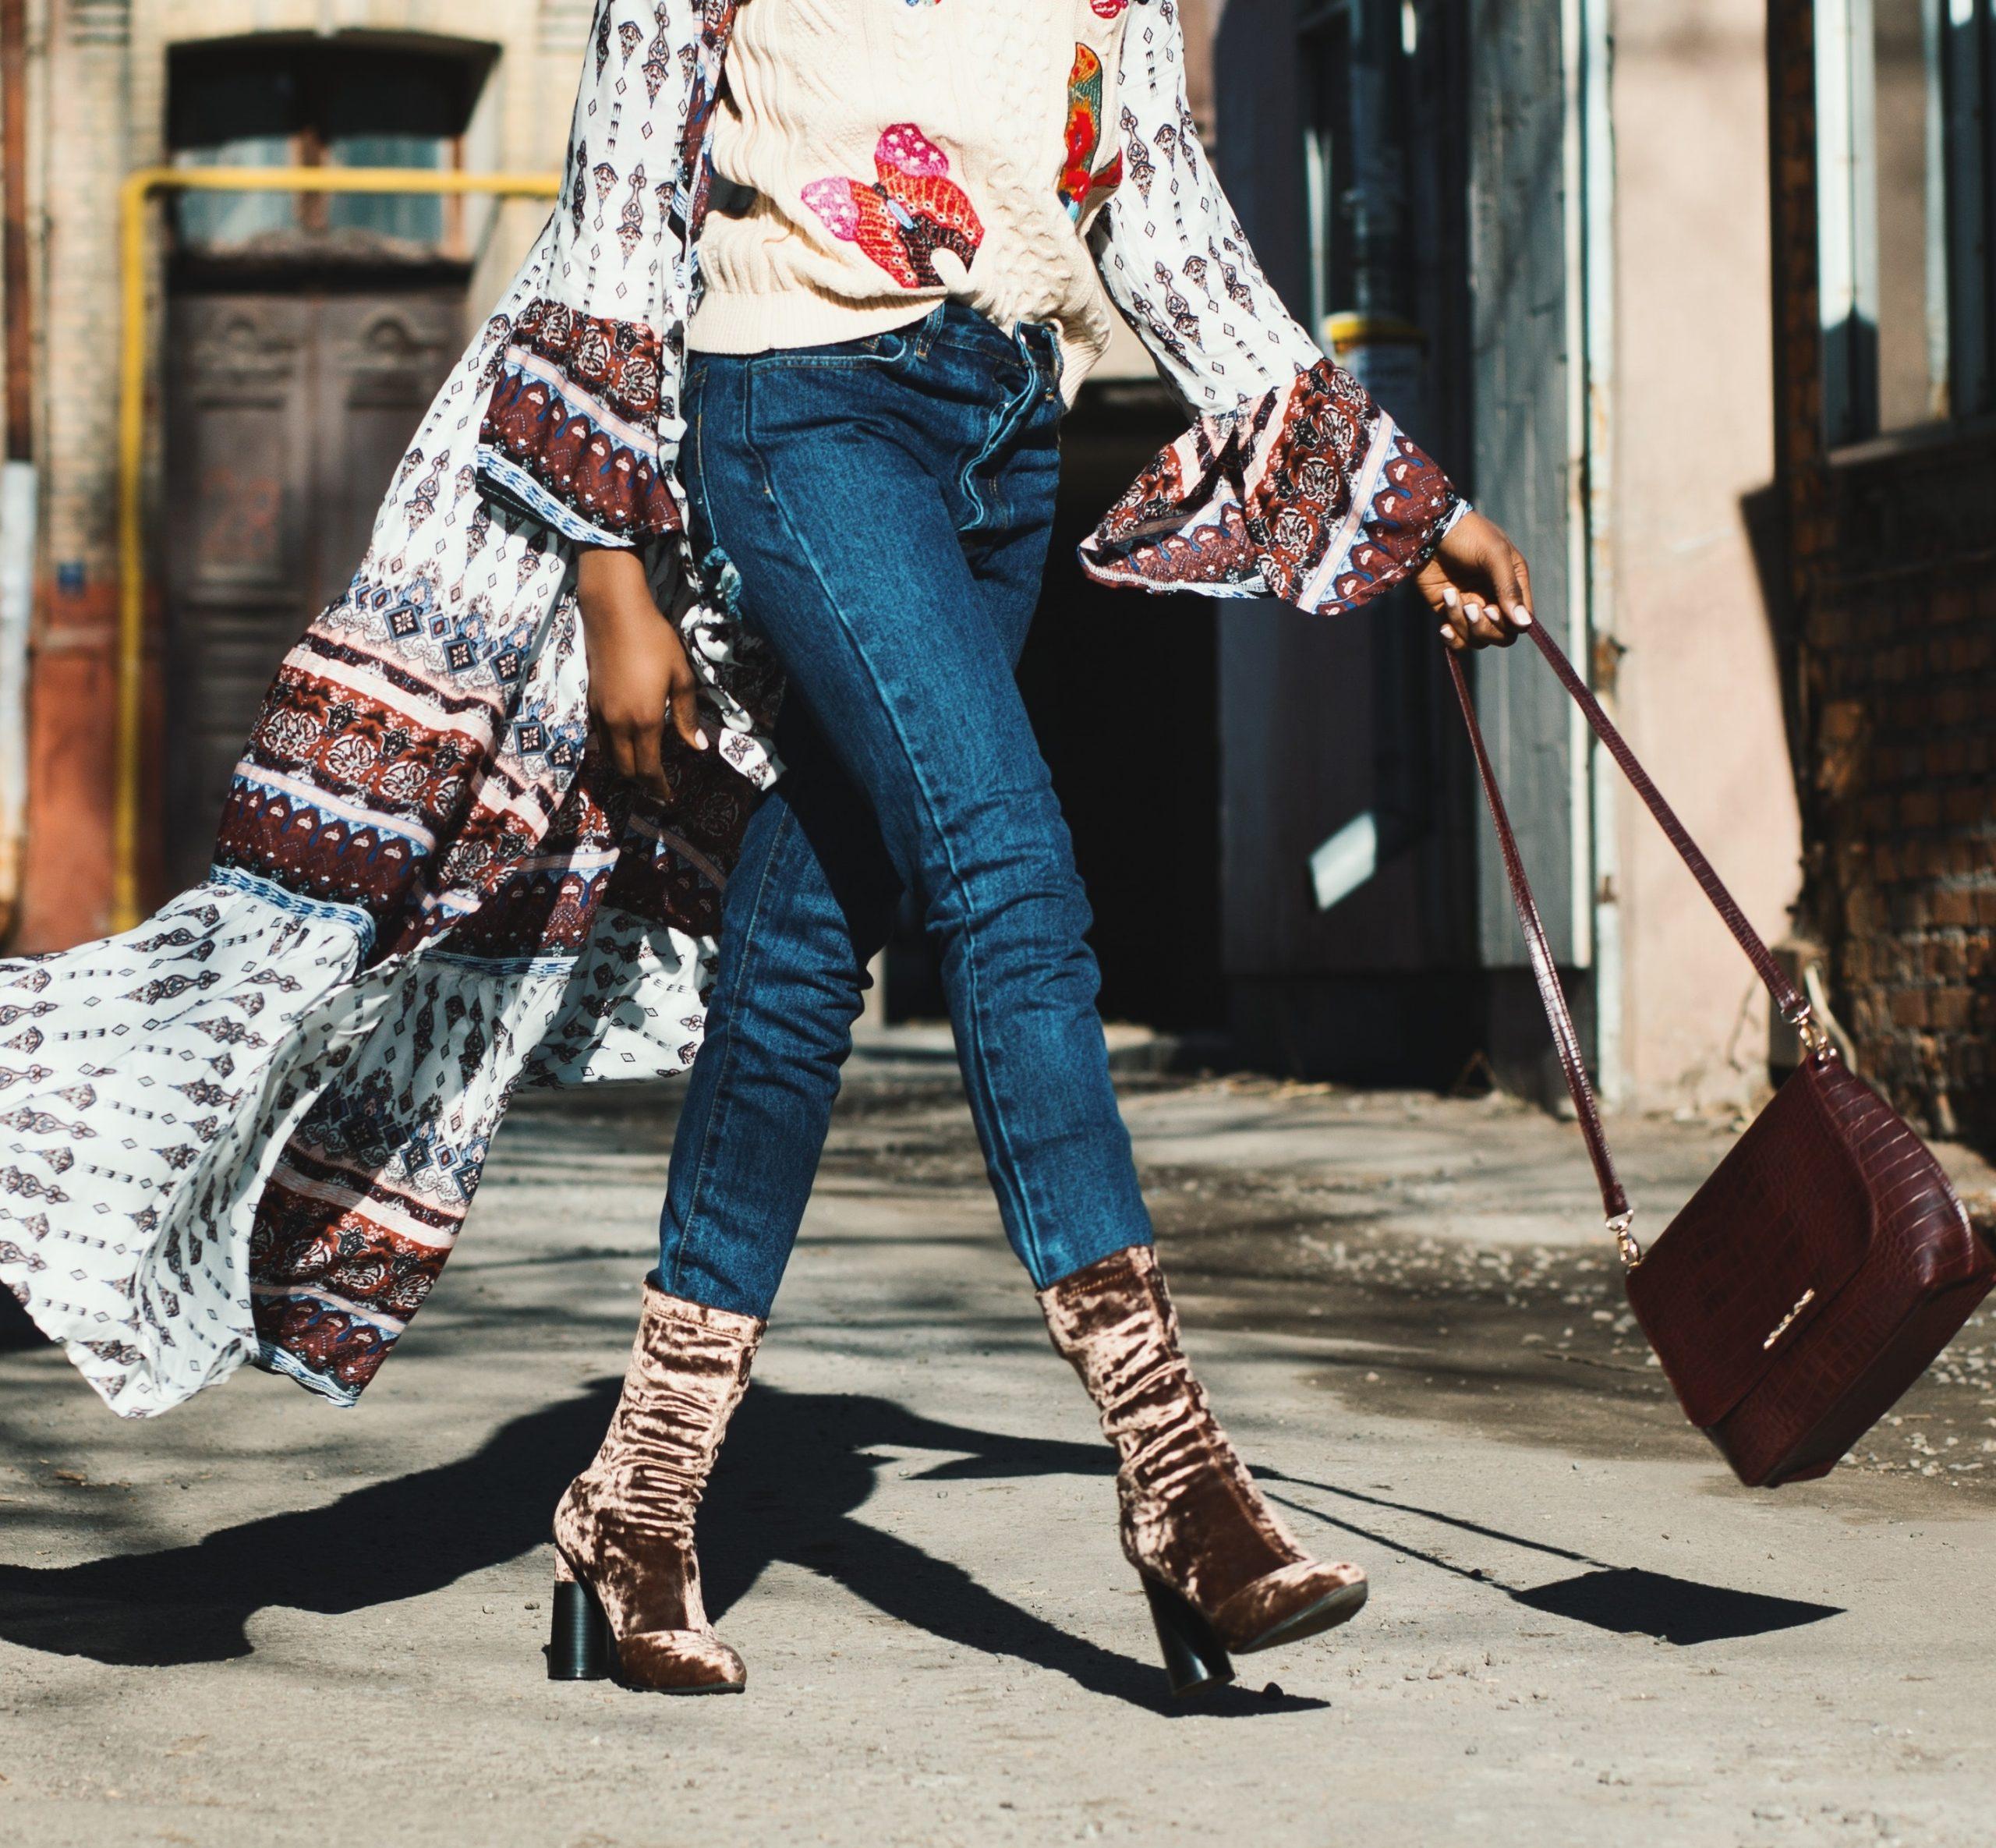 6 stylish ways to wear jeans with hijab fashion